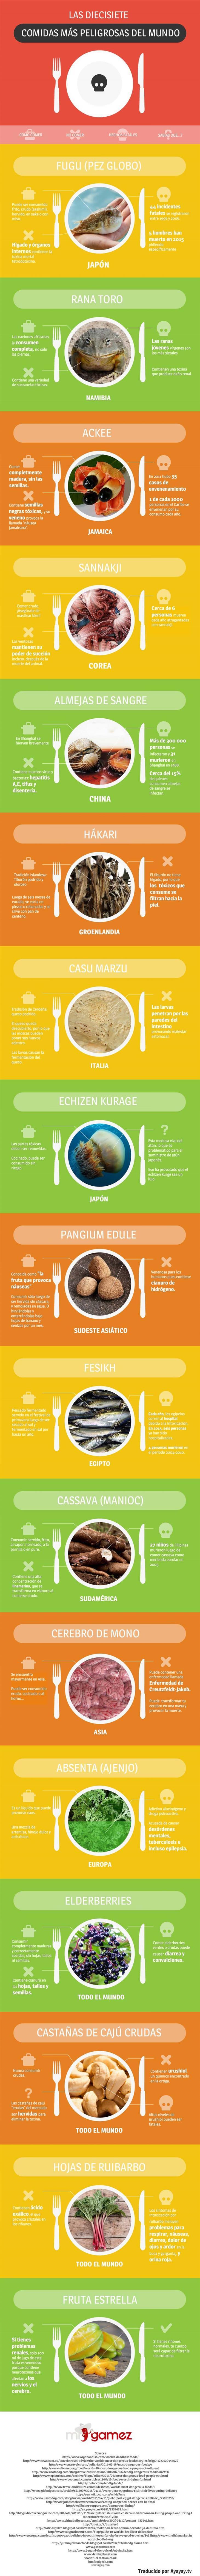 17 comida peligrosas infografía